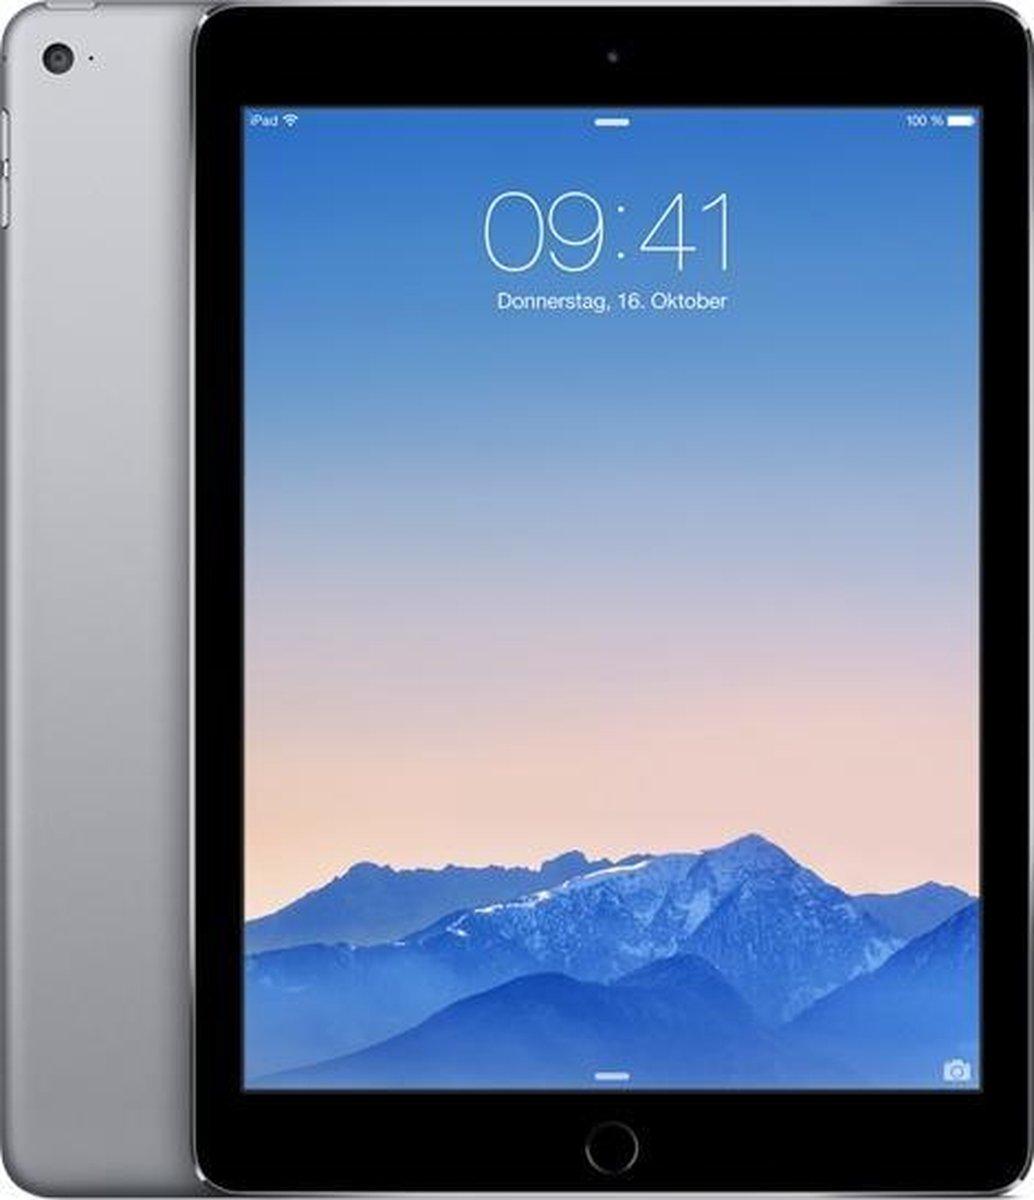 Apple iPad Air 2 refurbished door Forza - B-Grade (Lichte gebruikssporen) - 16GB - Cellular (4G) - Spacegrijs